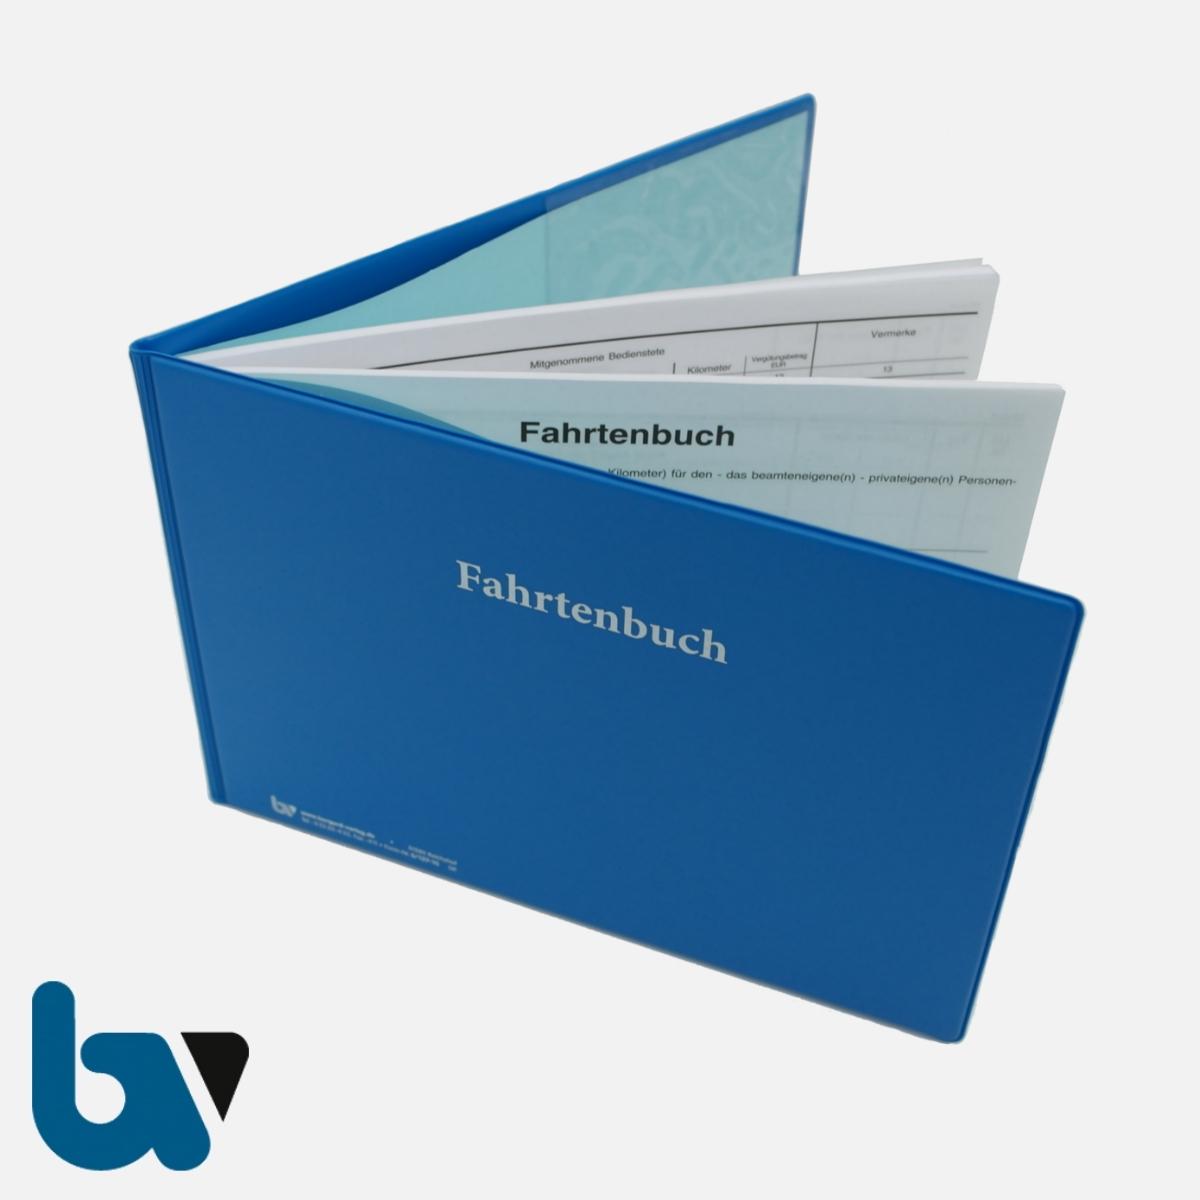 0/137-10 Schutzhülle Fahrtenbuch Kunststoff außen Einsatz Einstecklasche Verwaltung Behörde DIN A5 Seite 3 | Borgard Verlag GmbH